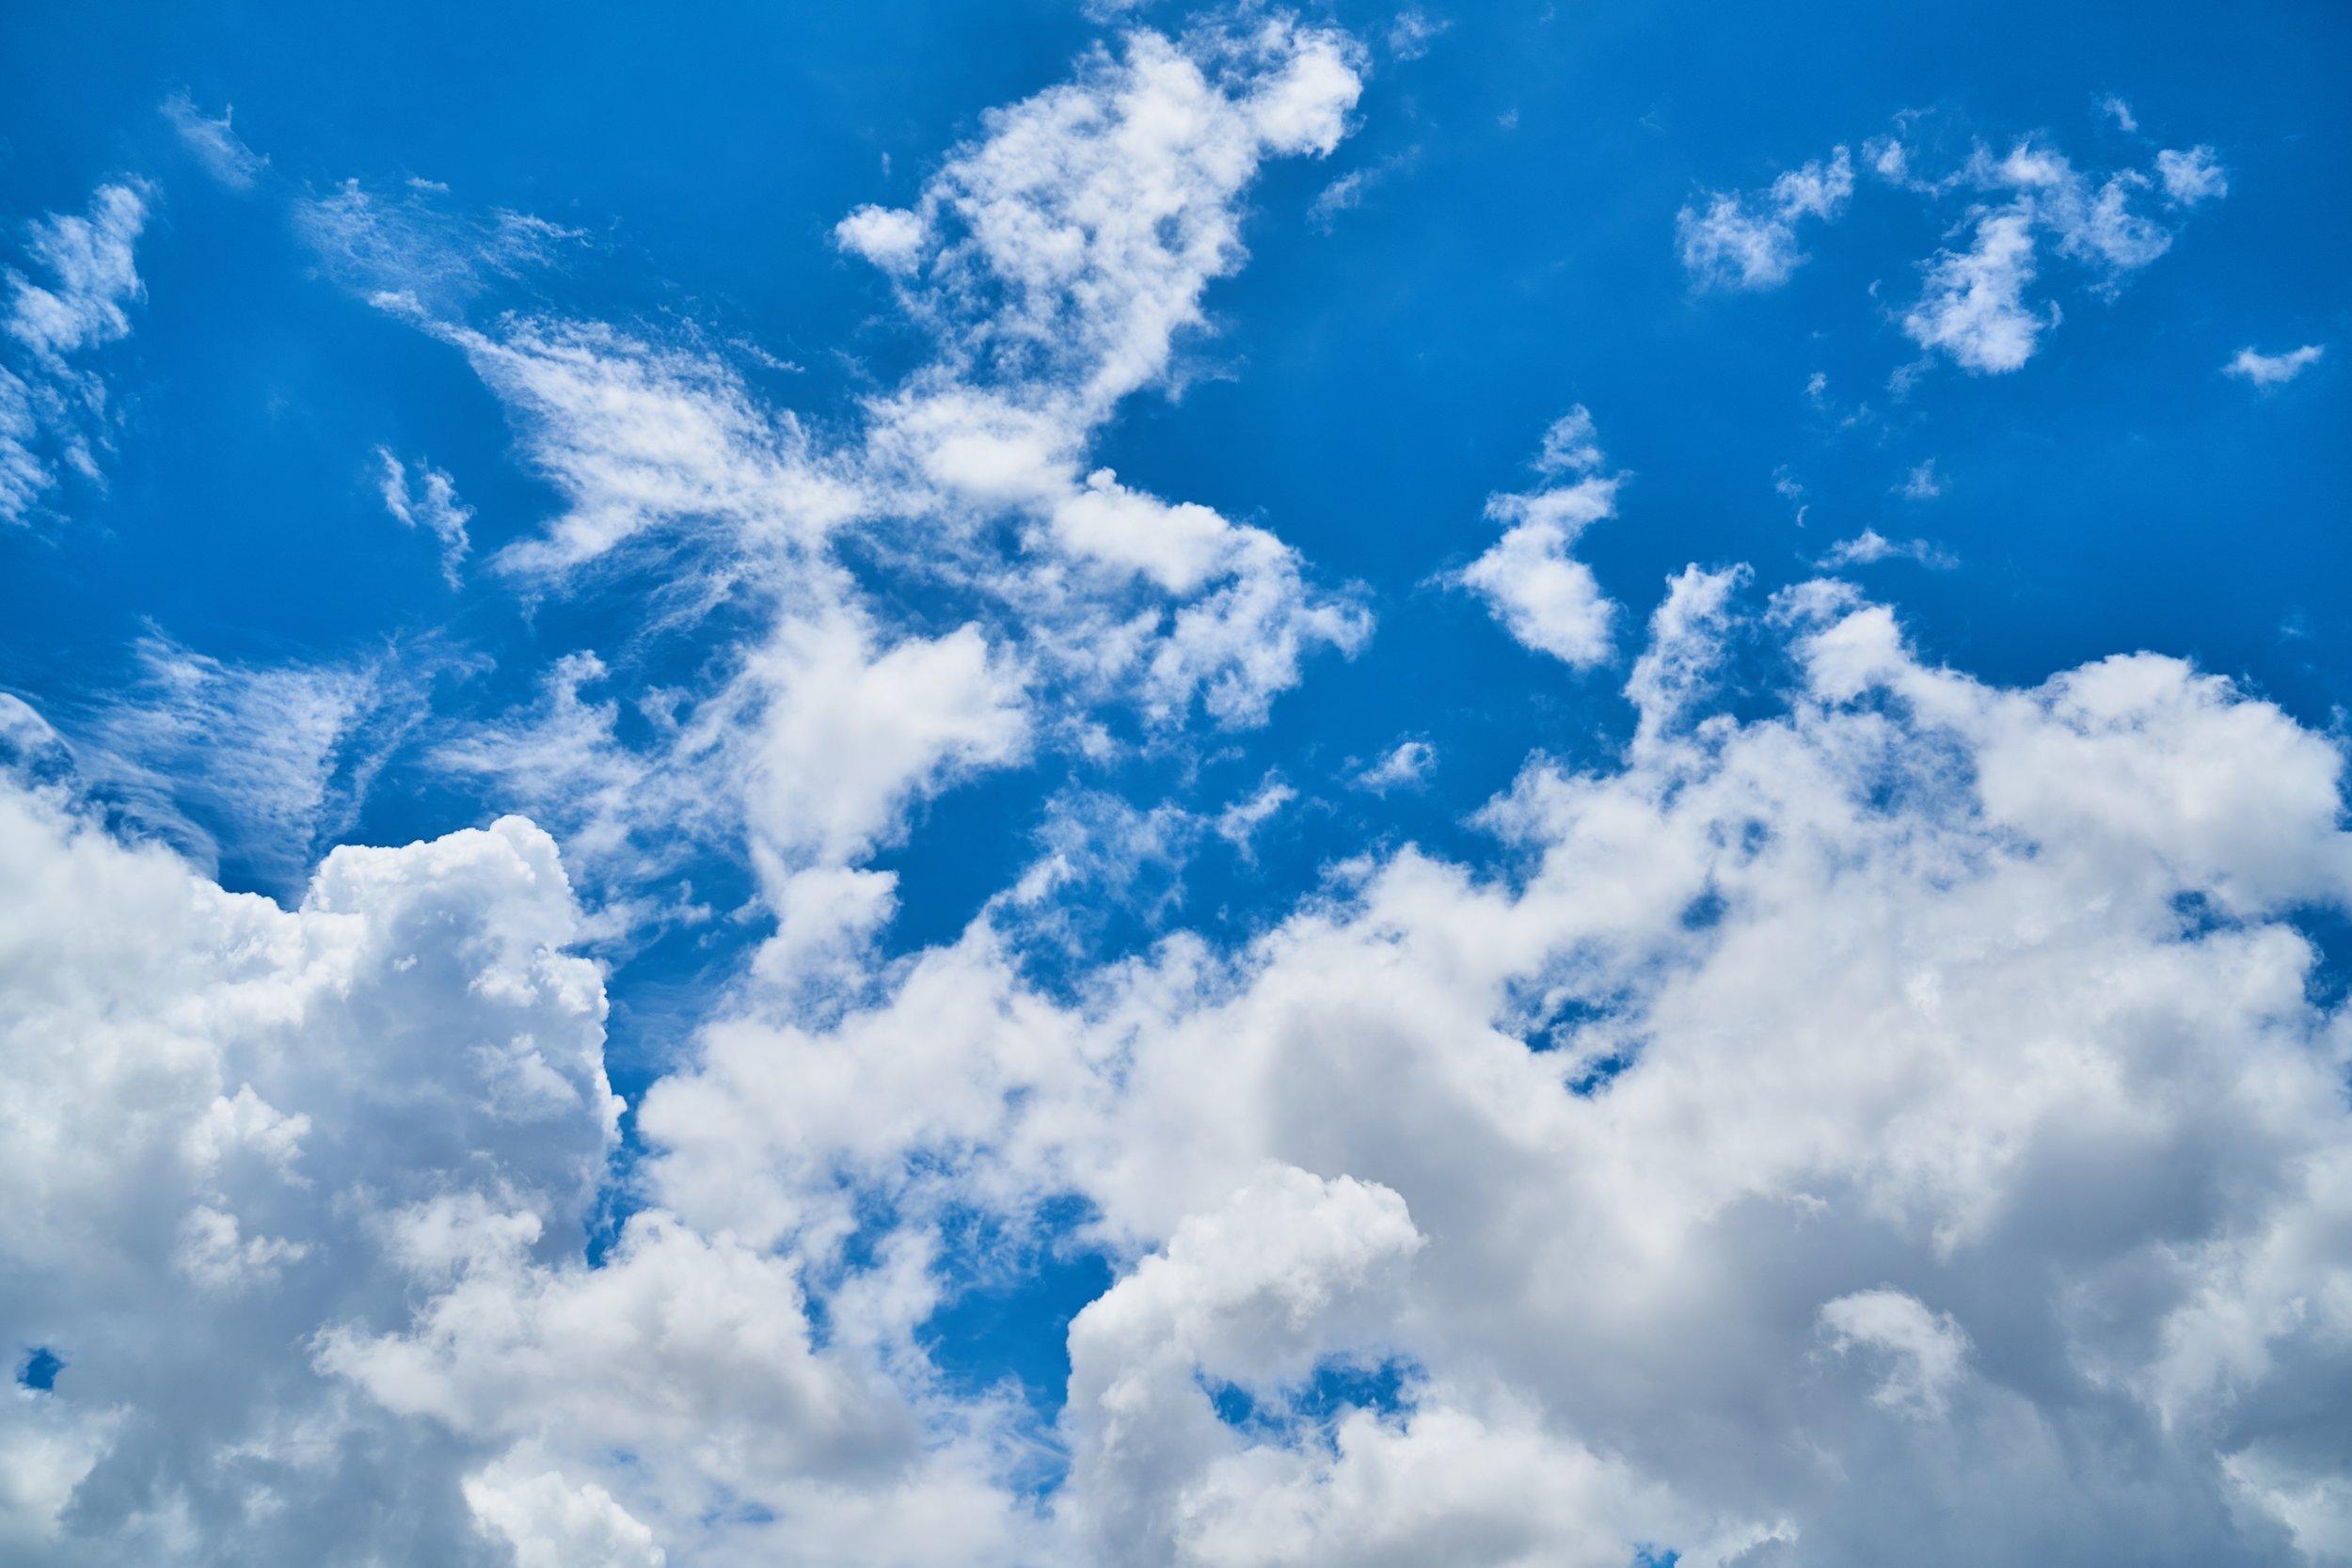 atmosphere-background-beautiful-531756.jpg